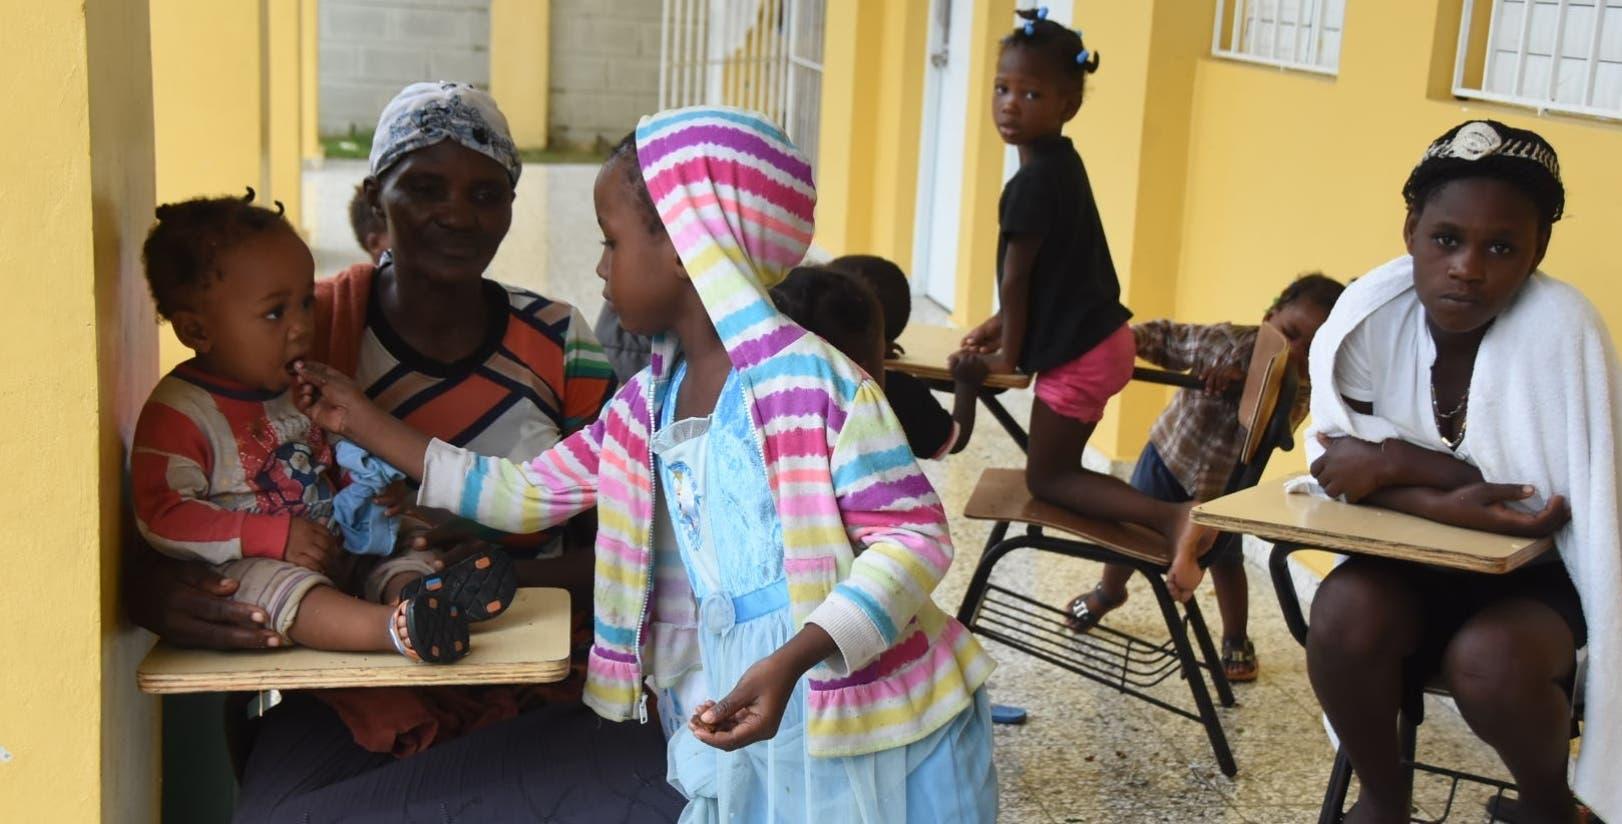 Los niños que estaban en el albergue de El Salado imitaron a sus padres y compartieron hasta la poca merienda que llevaron.